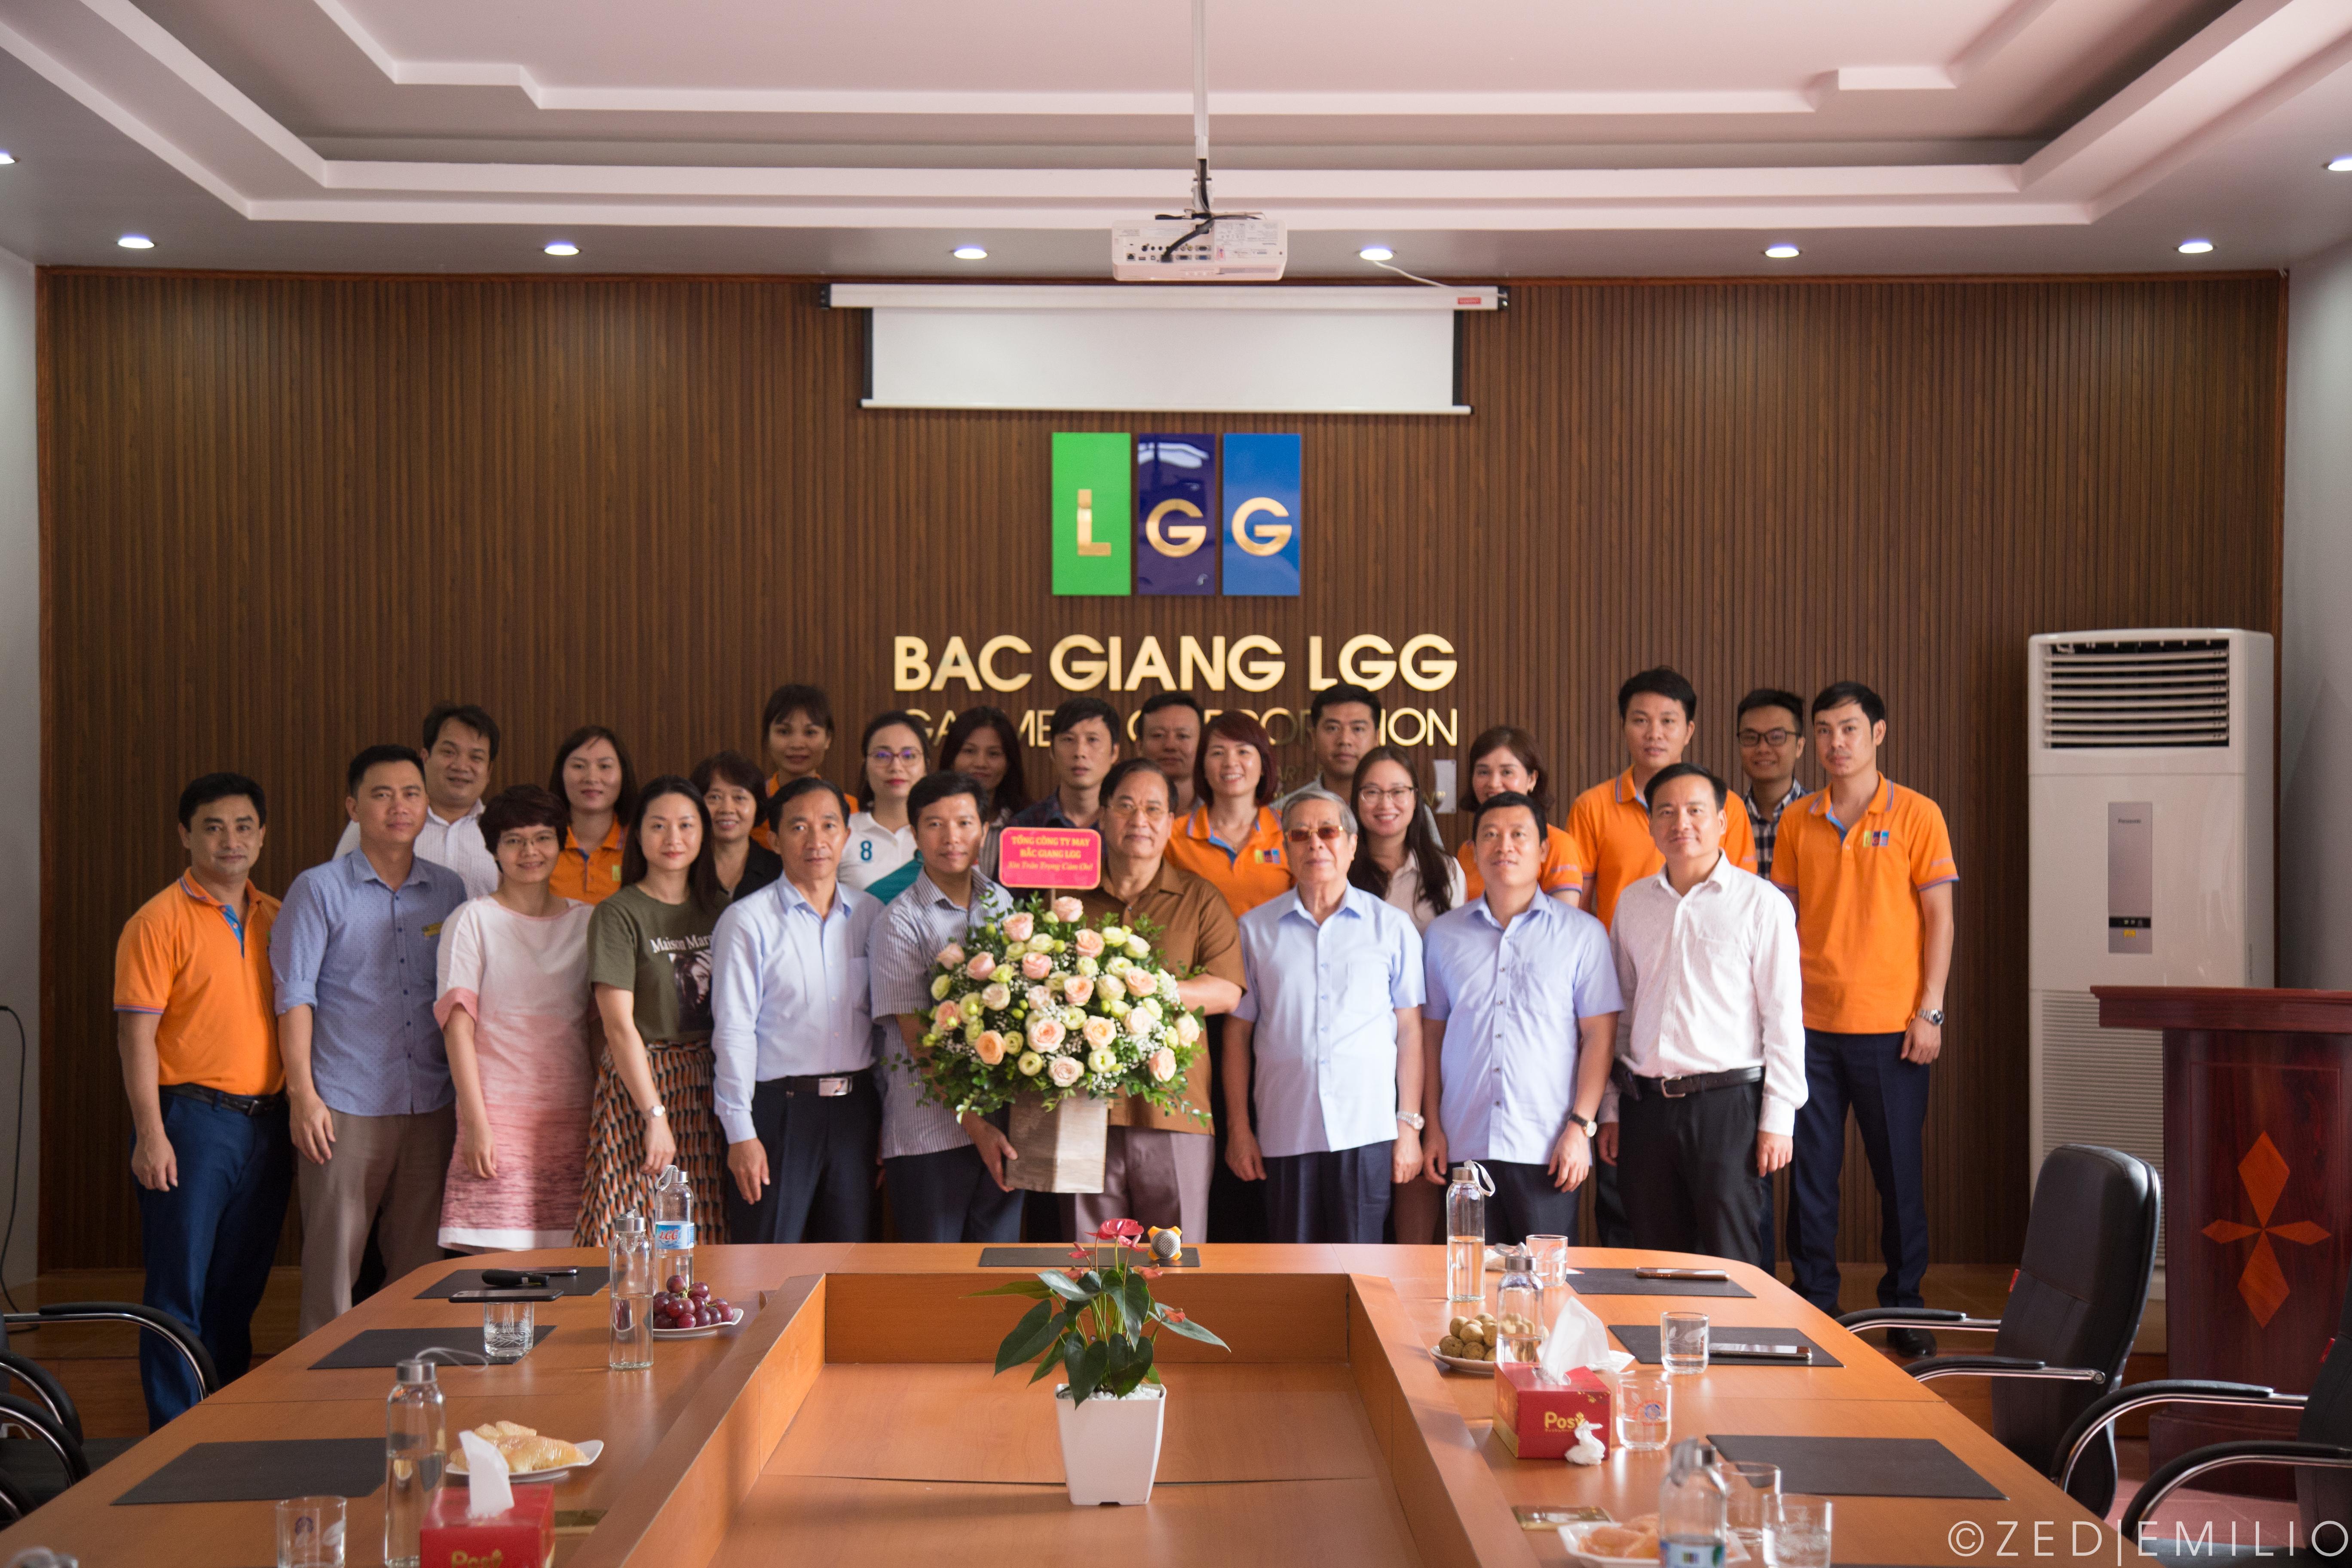 Chủ tịch Vitas tới thăm và làm việc tại Công ty CP – Tổng Công ty May Bắc Giang LGG